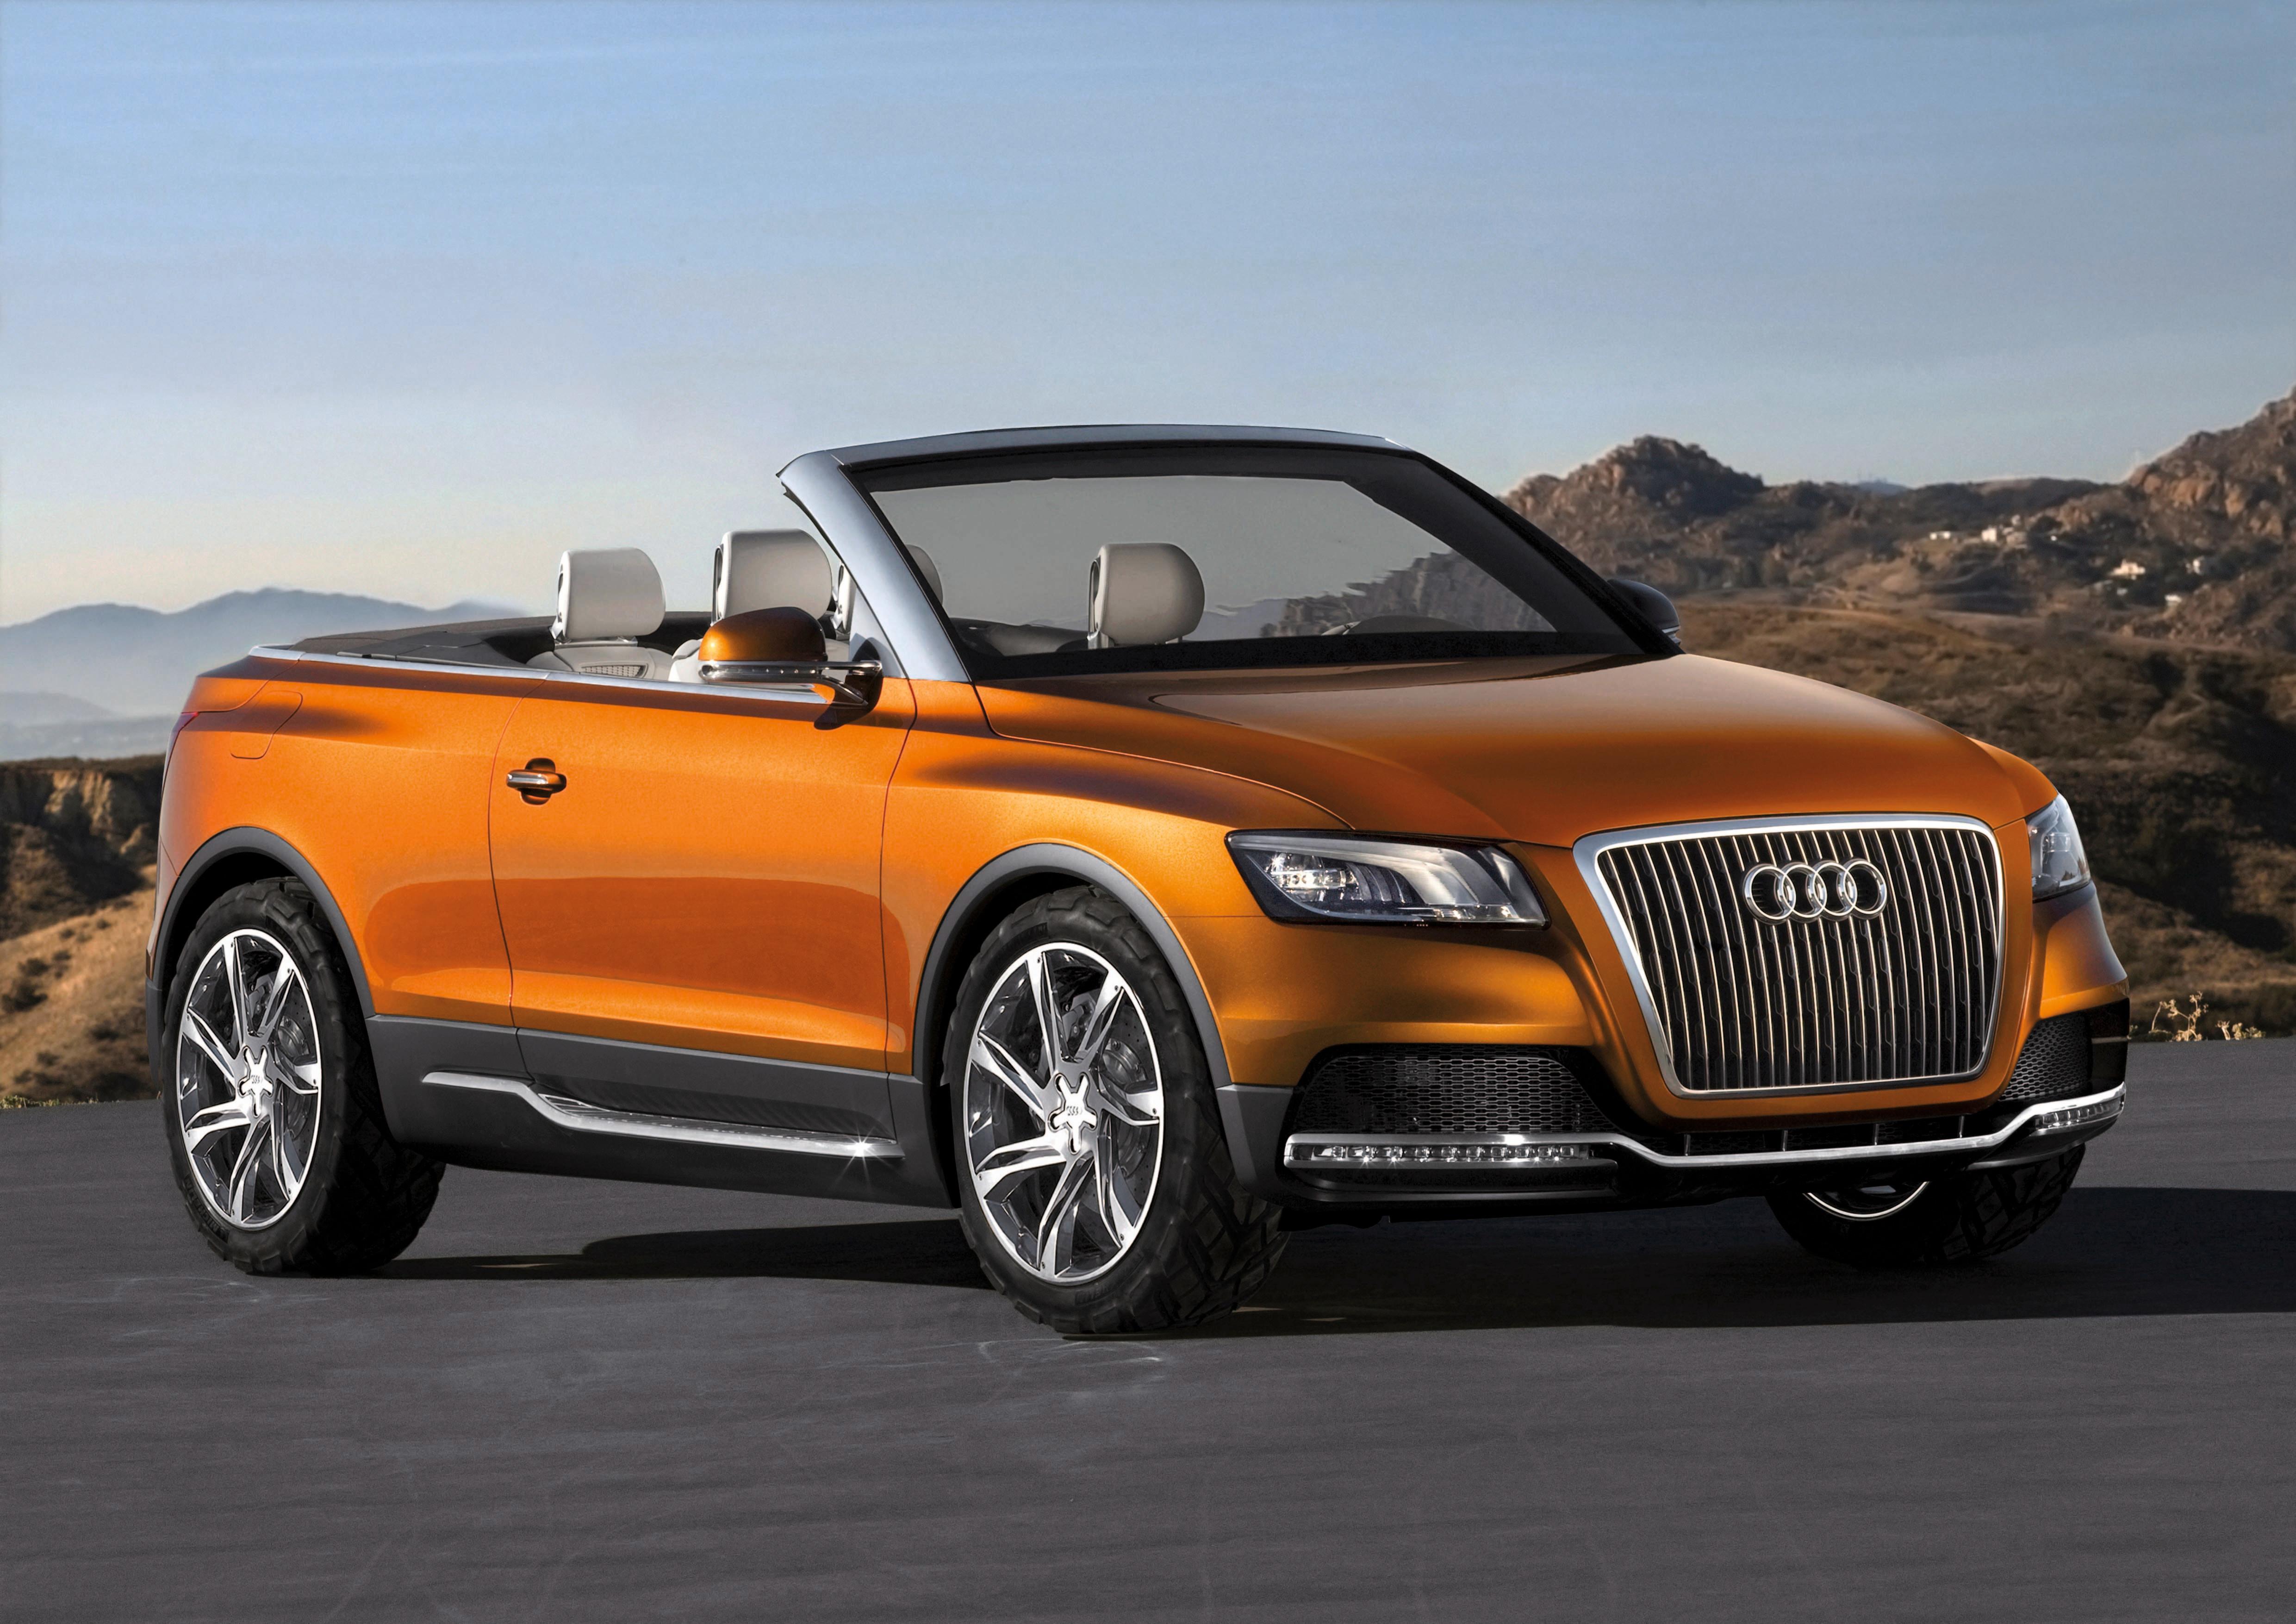 Audi q4 e-tron cabriolet